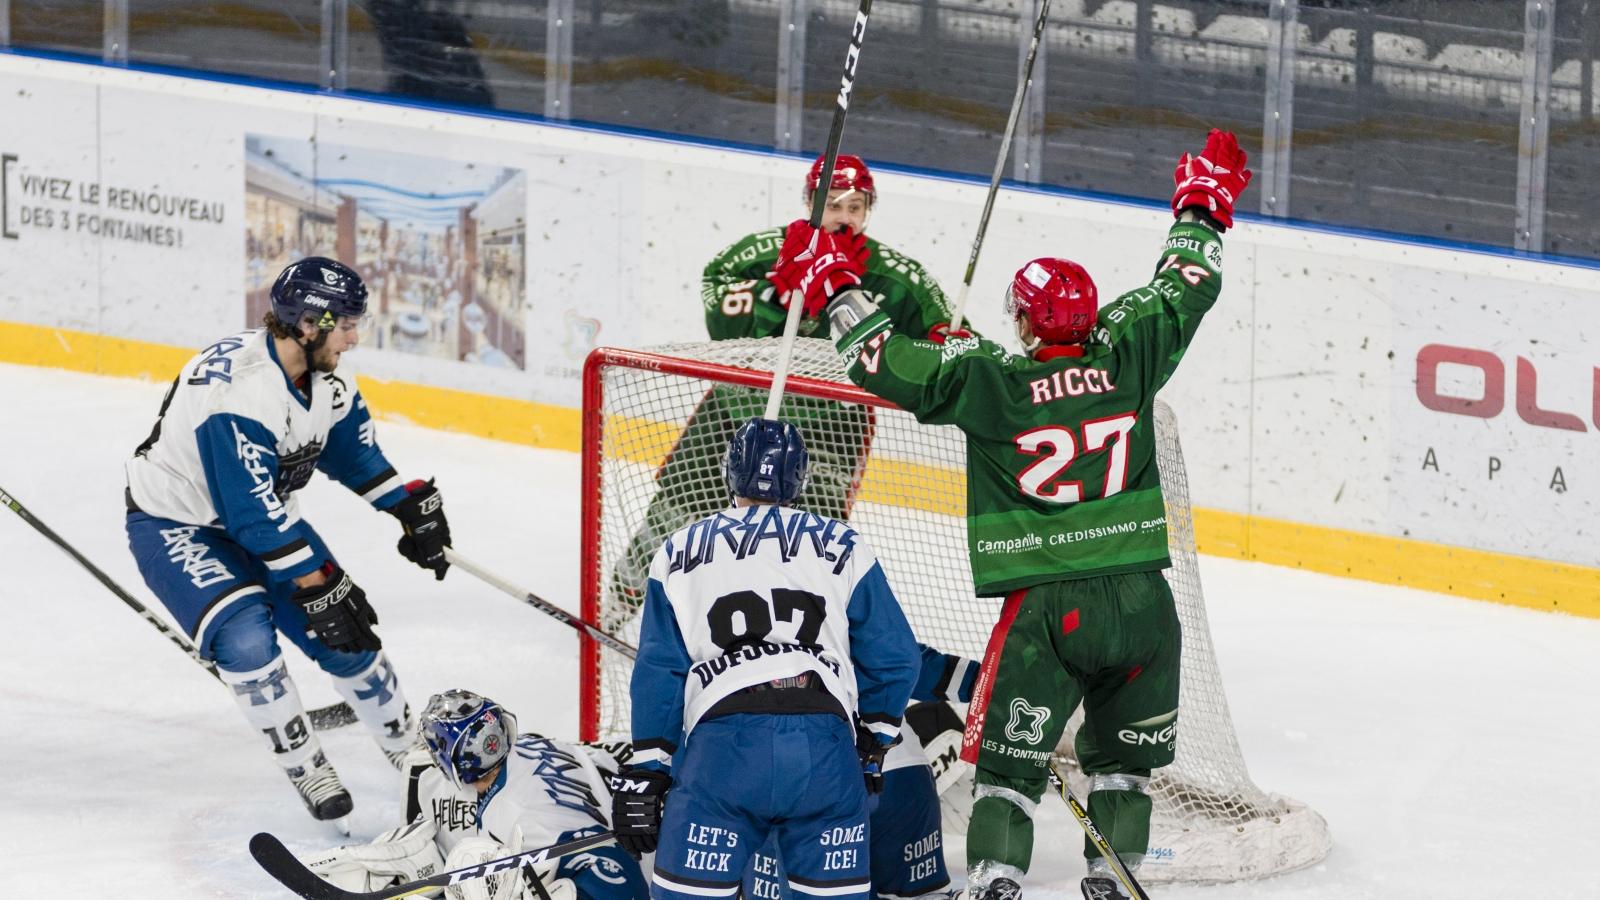 Photo d'un match de hockey sur glace où l'équipe des Jokers de cergy marque un but